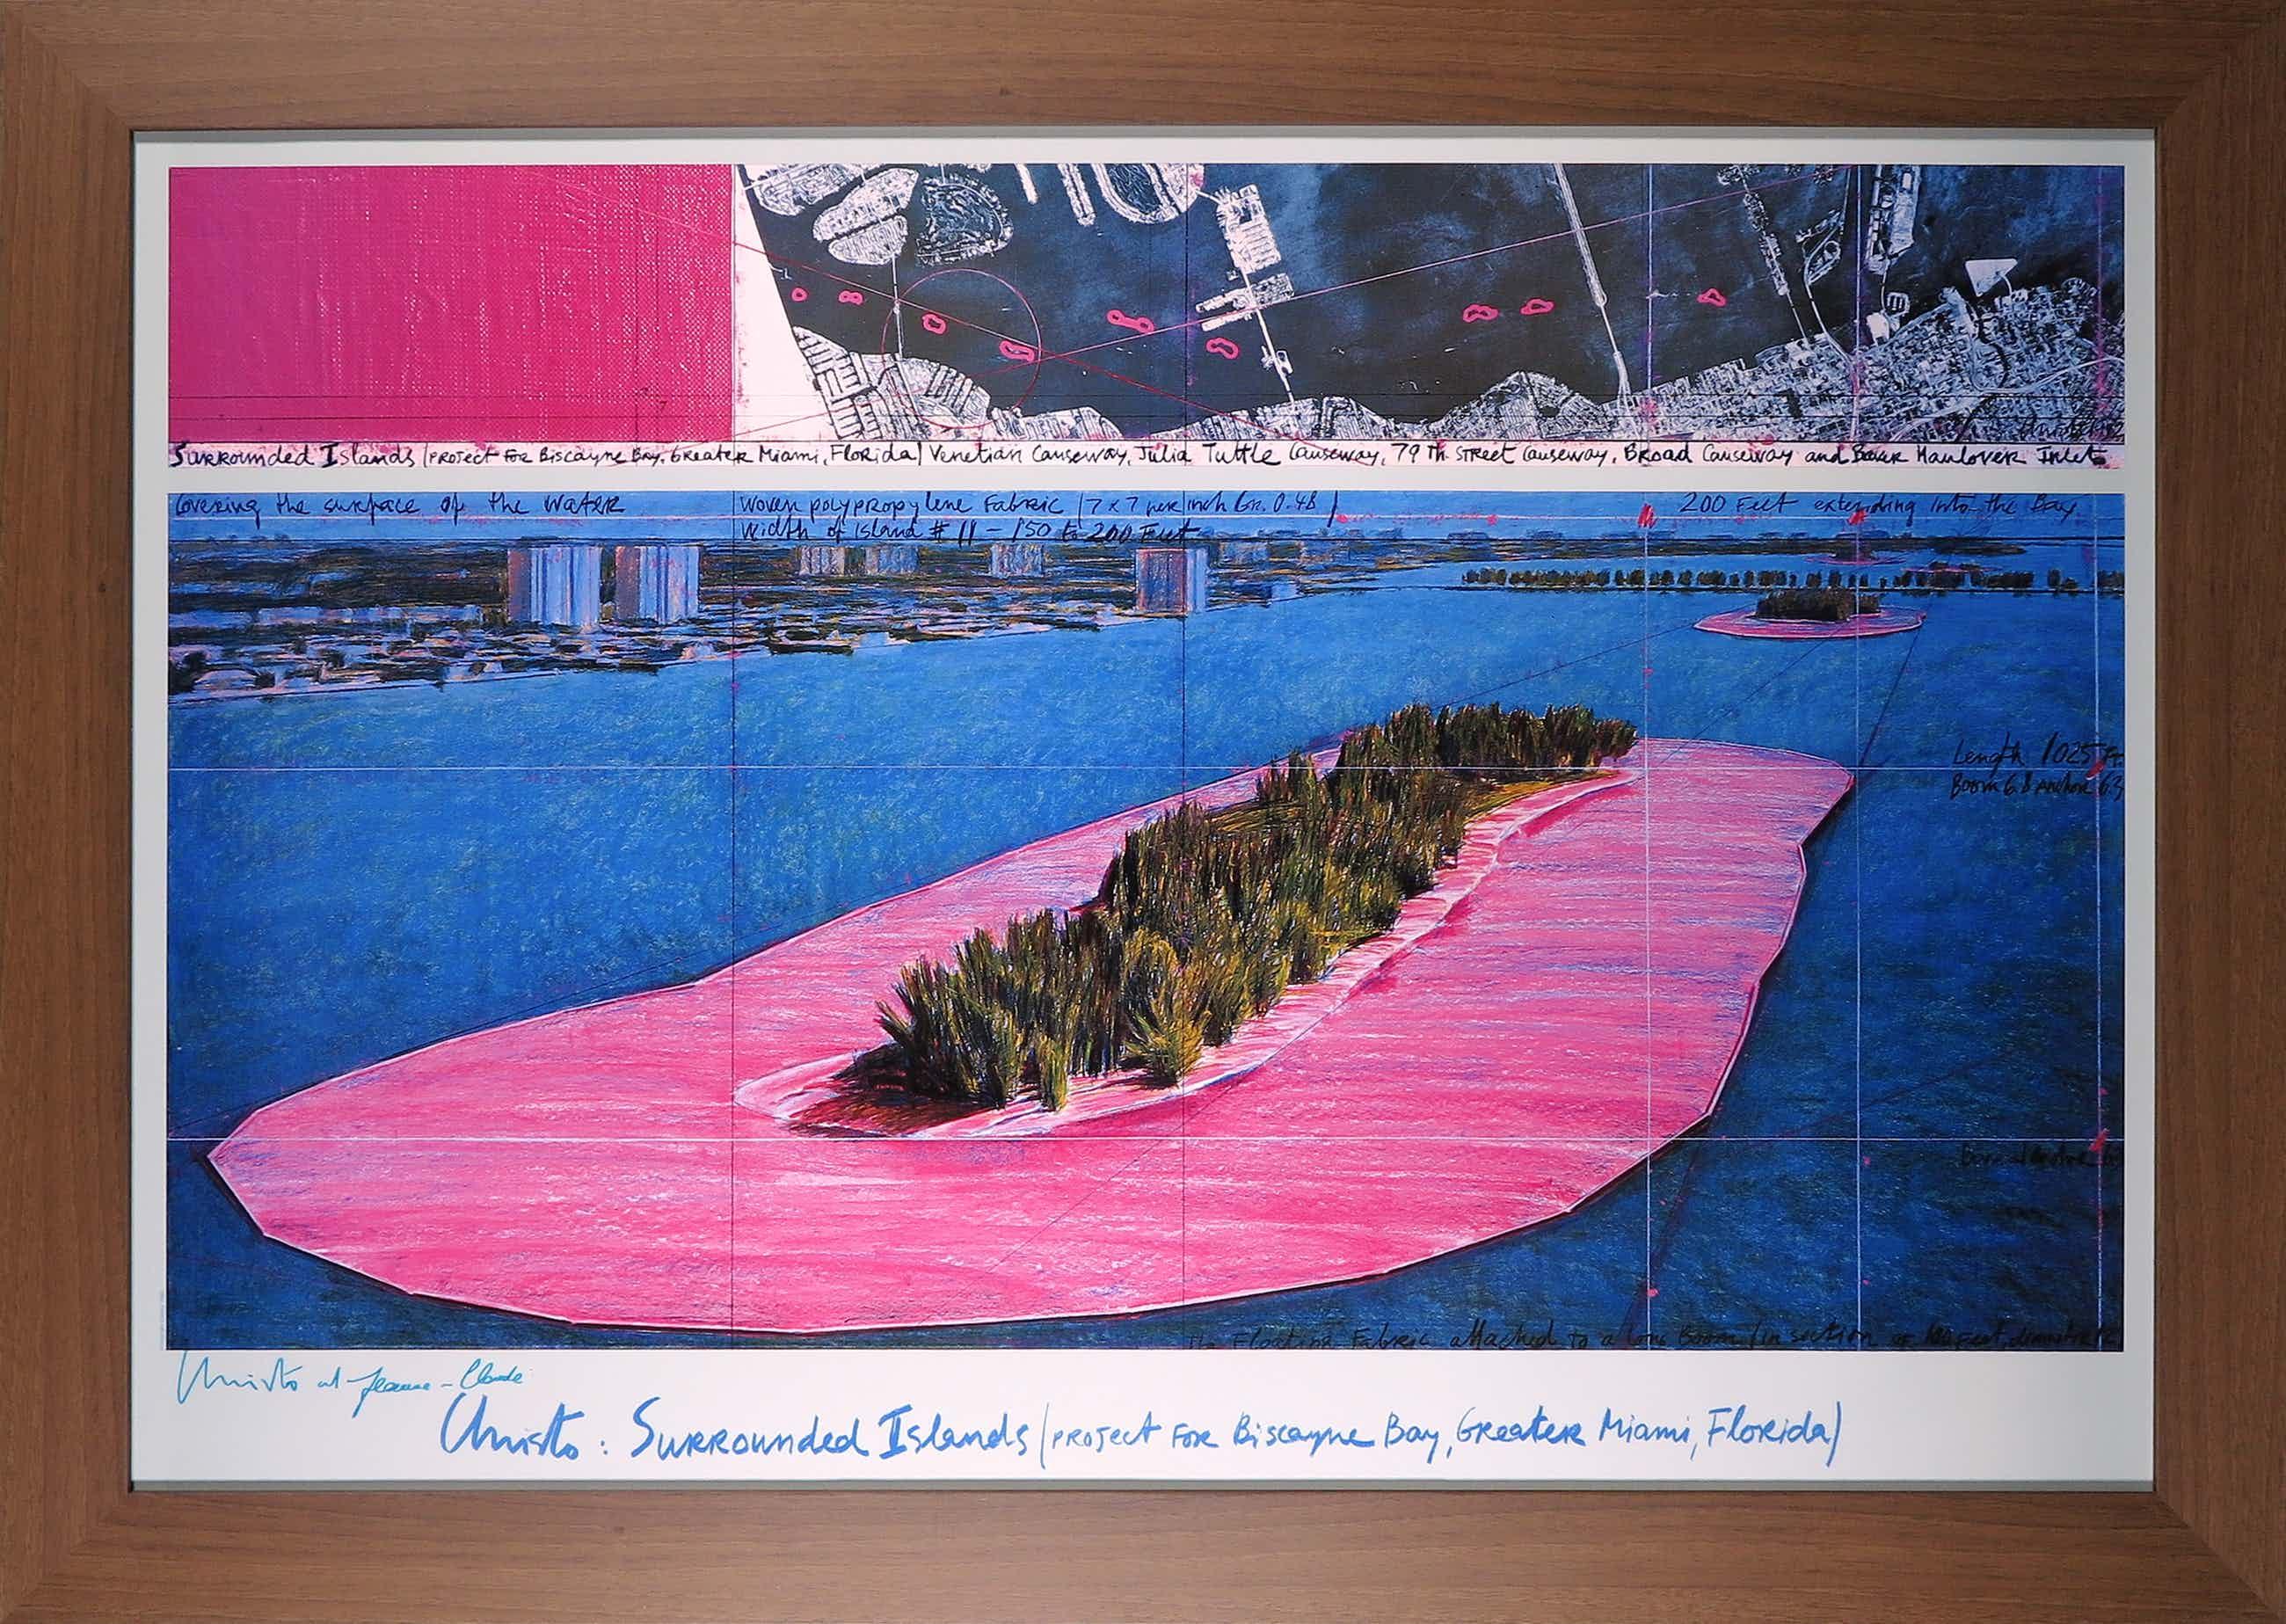 Christo - Handgesigneerd exemplaar Surrounded Islands - Ingelijst (Groot) kopen? Bied vanaf 850!